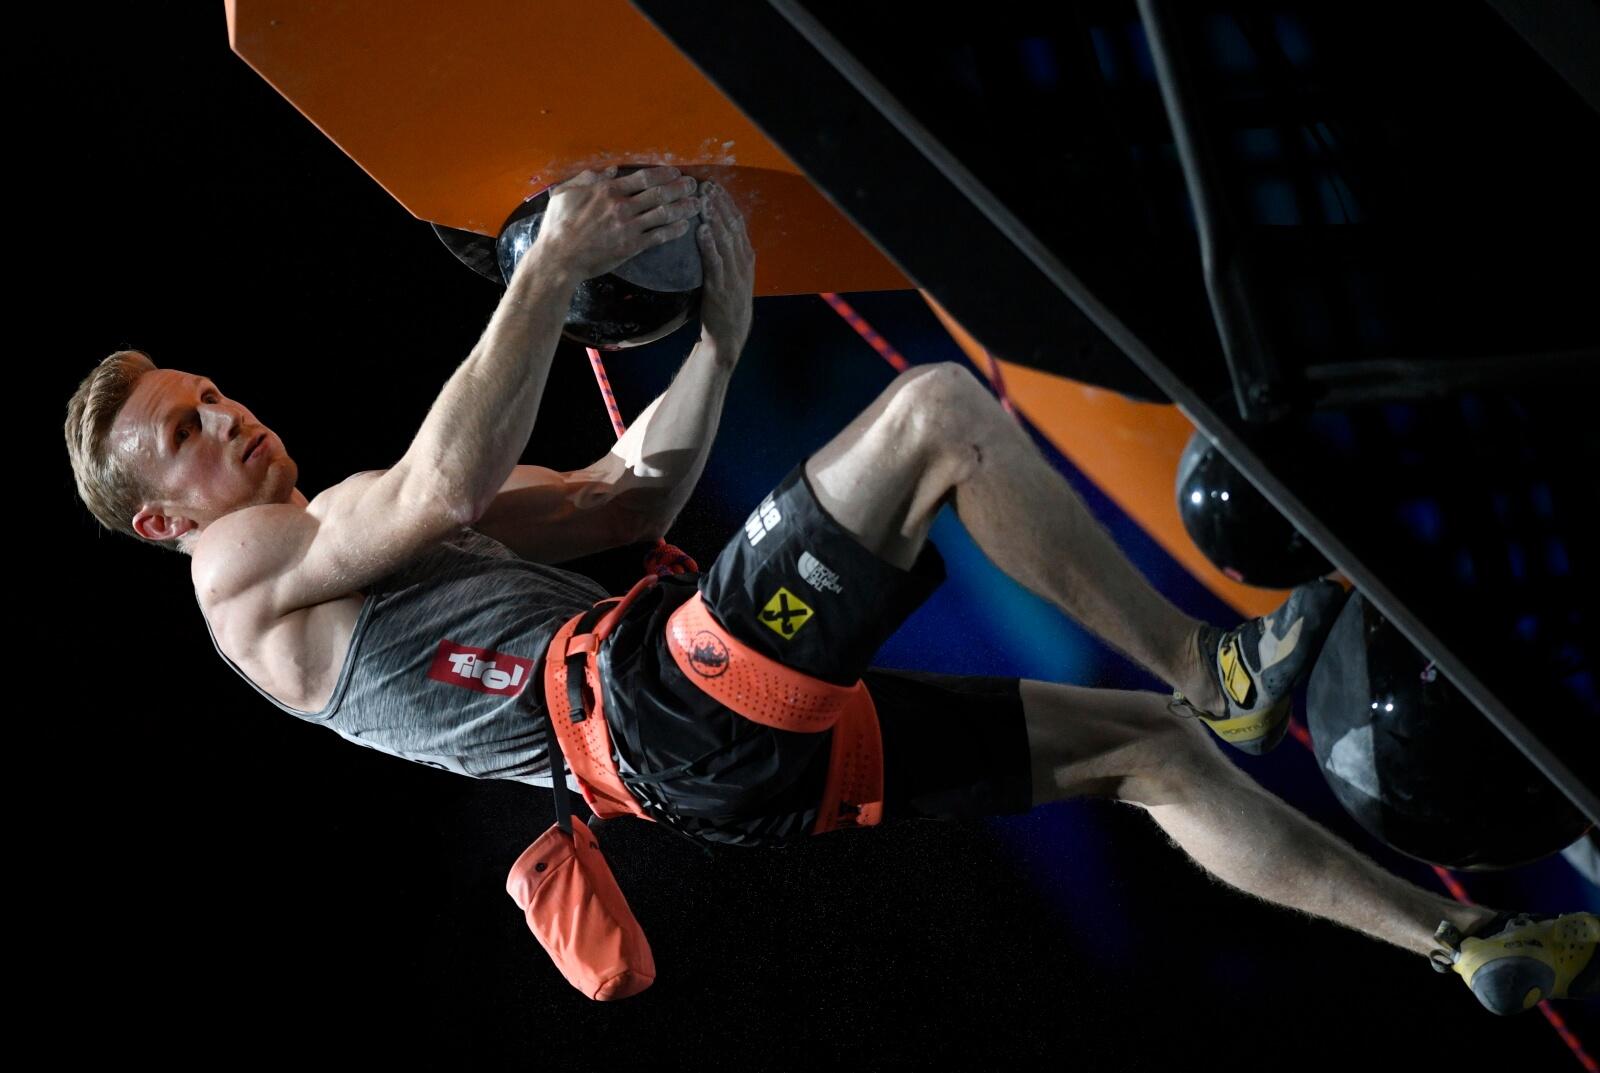 Mistrzostwa świata we wspinaczce fot. EPA/FRANCK ROBICHON